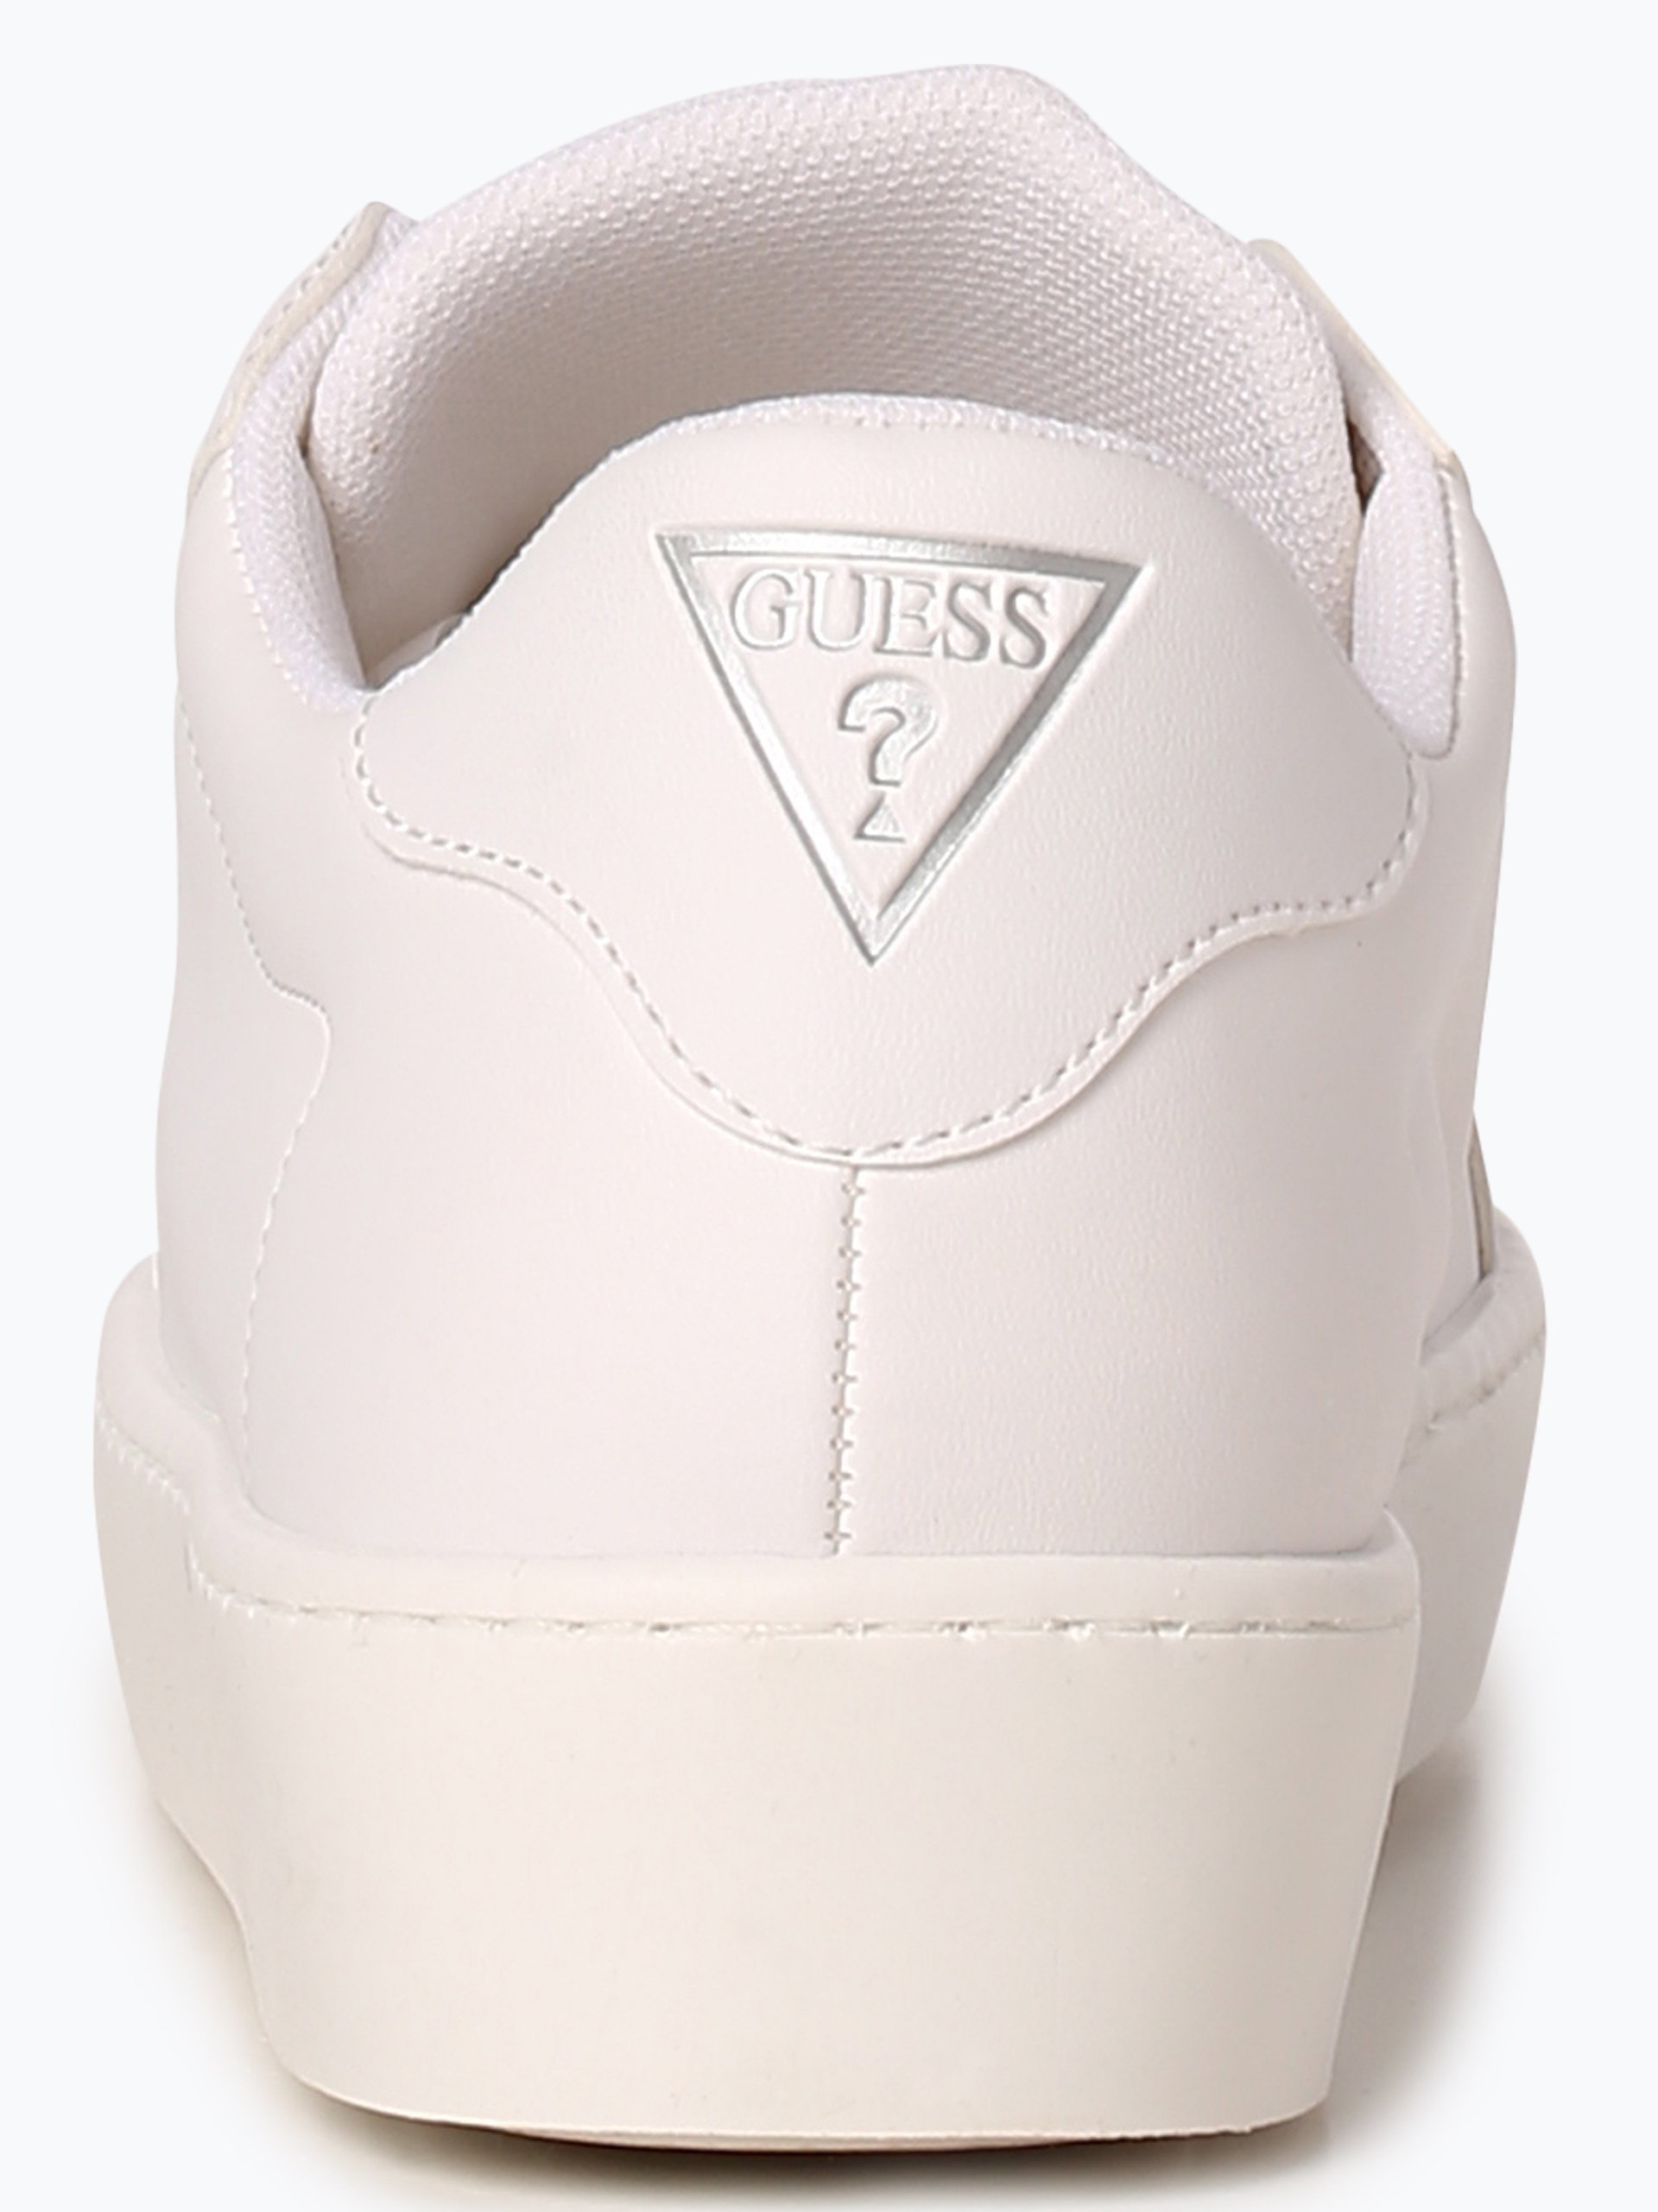 Guess Jeans Damen Sneaker Online Kaufen Vangraaf Com